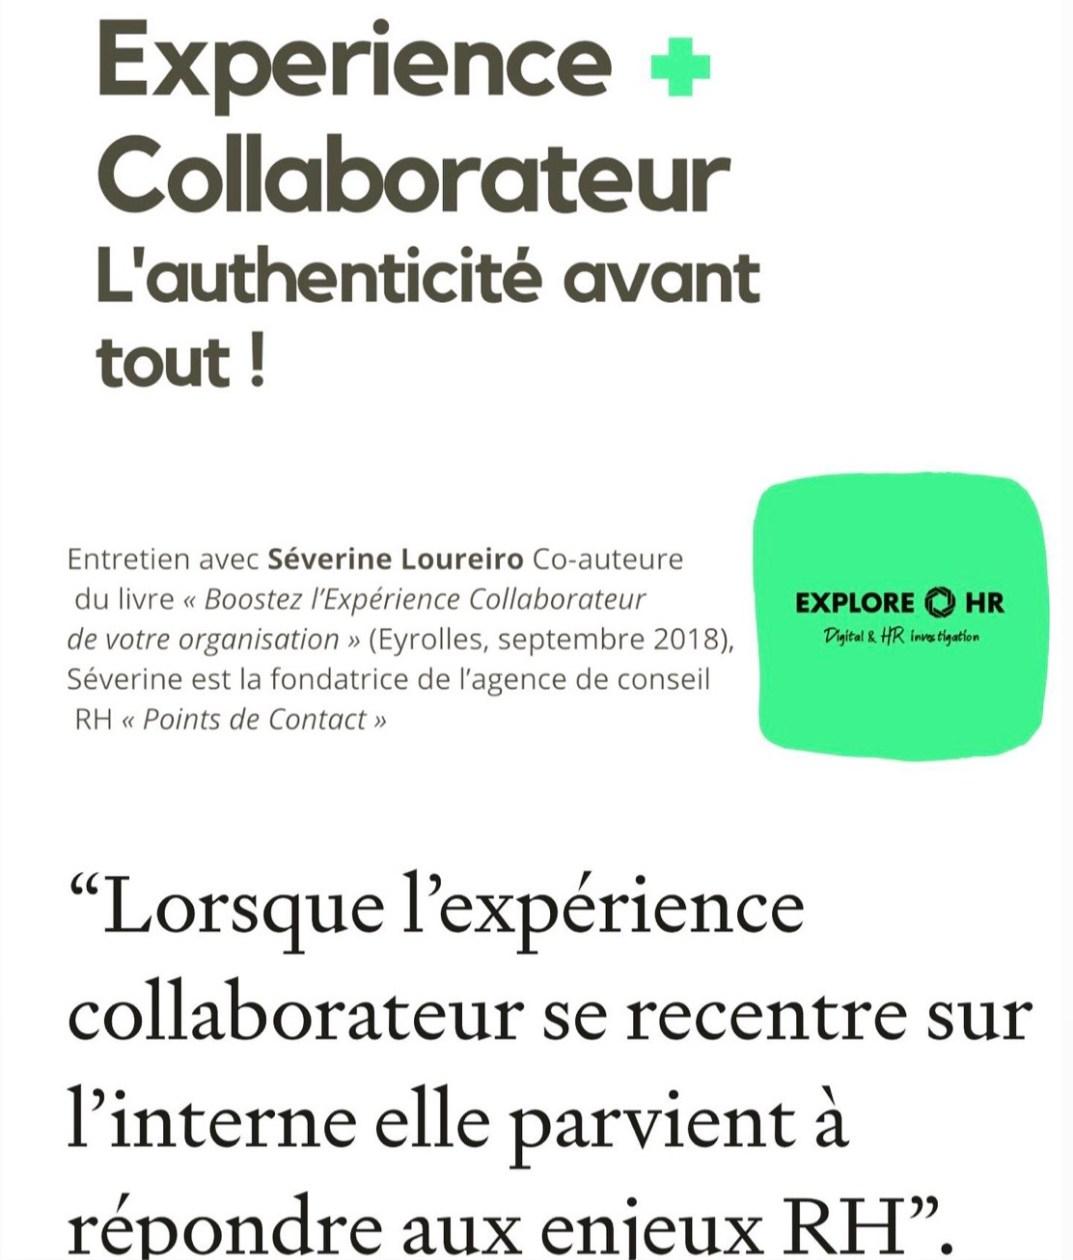 ITW Séverine Loureiro - Etat des lieux de l'Expérience Collaborateur.JPG